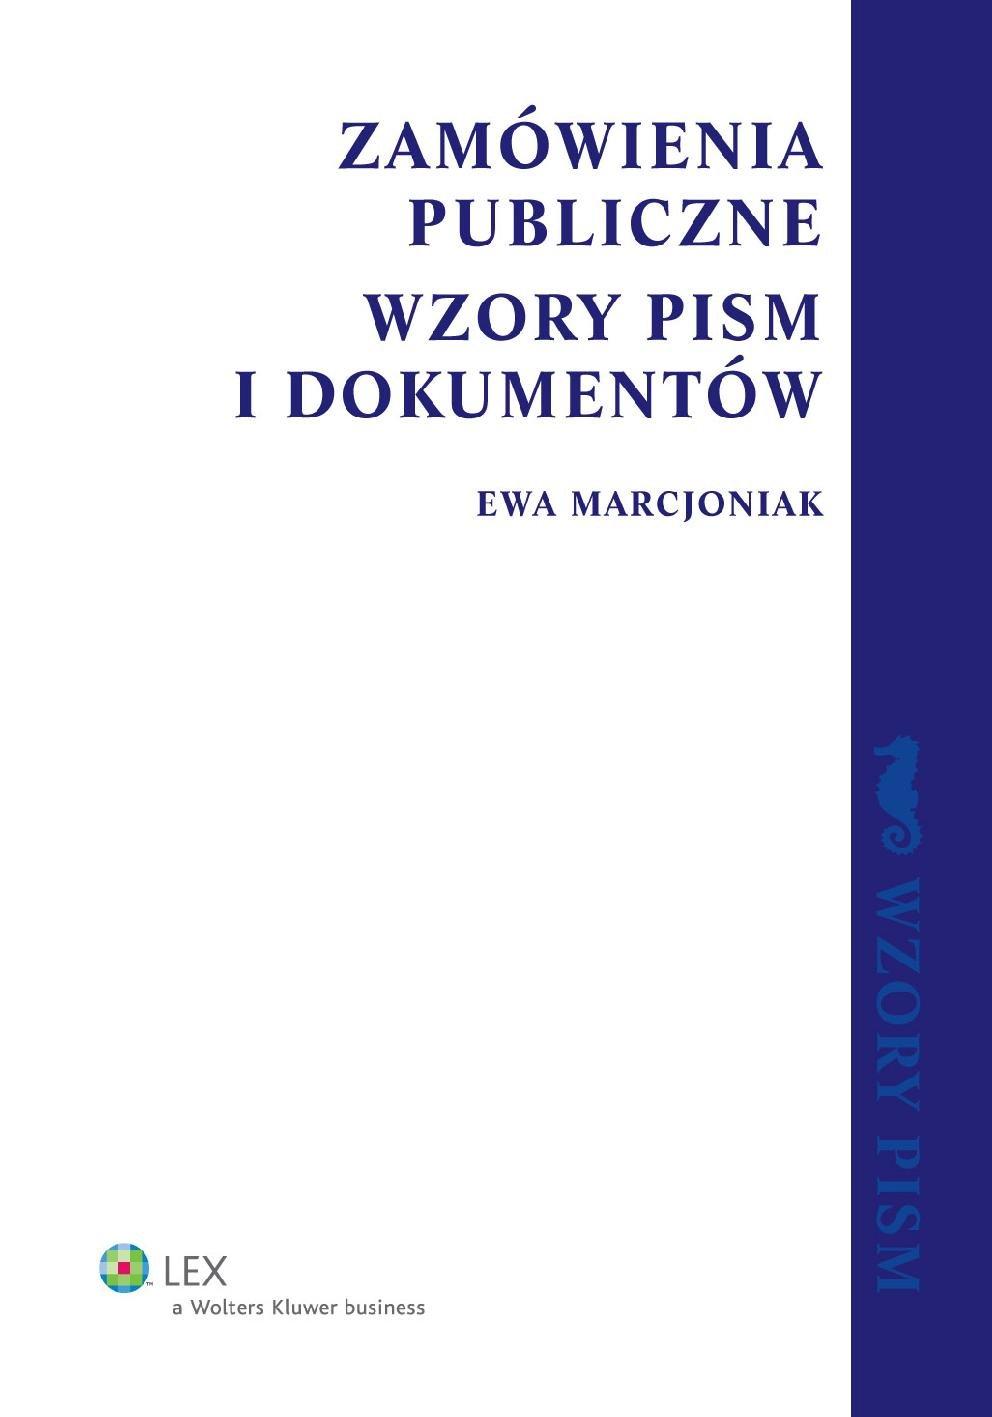 Zamówienia publiczne. Wzory pism i dokumentów - Ebook (Książka PDF) do pobrania w formacie PDF